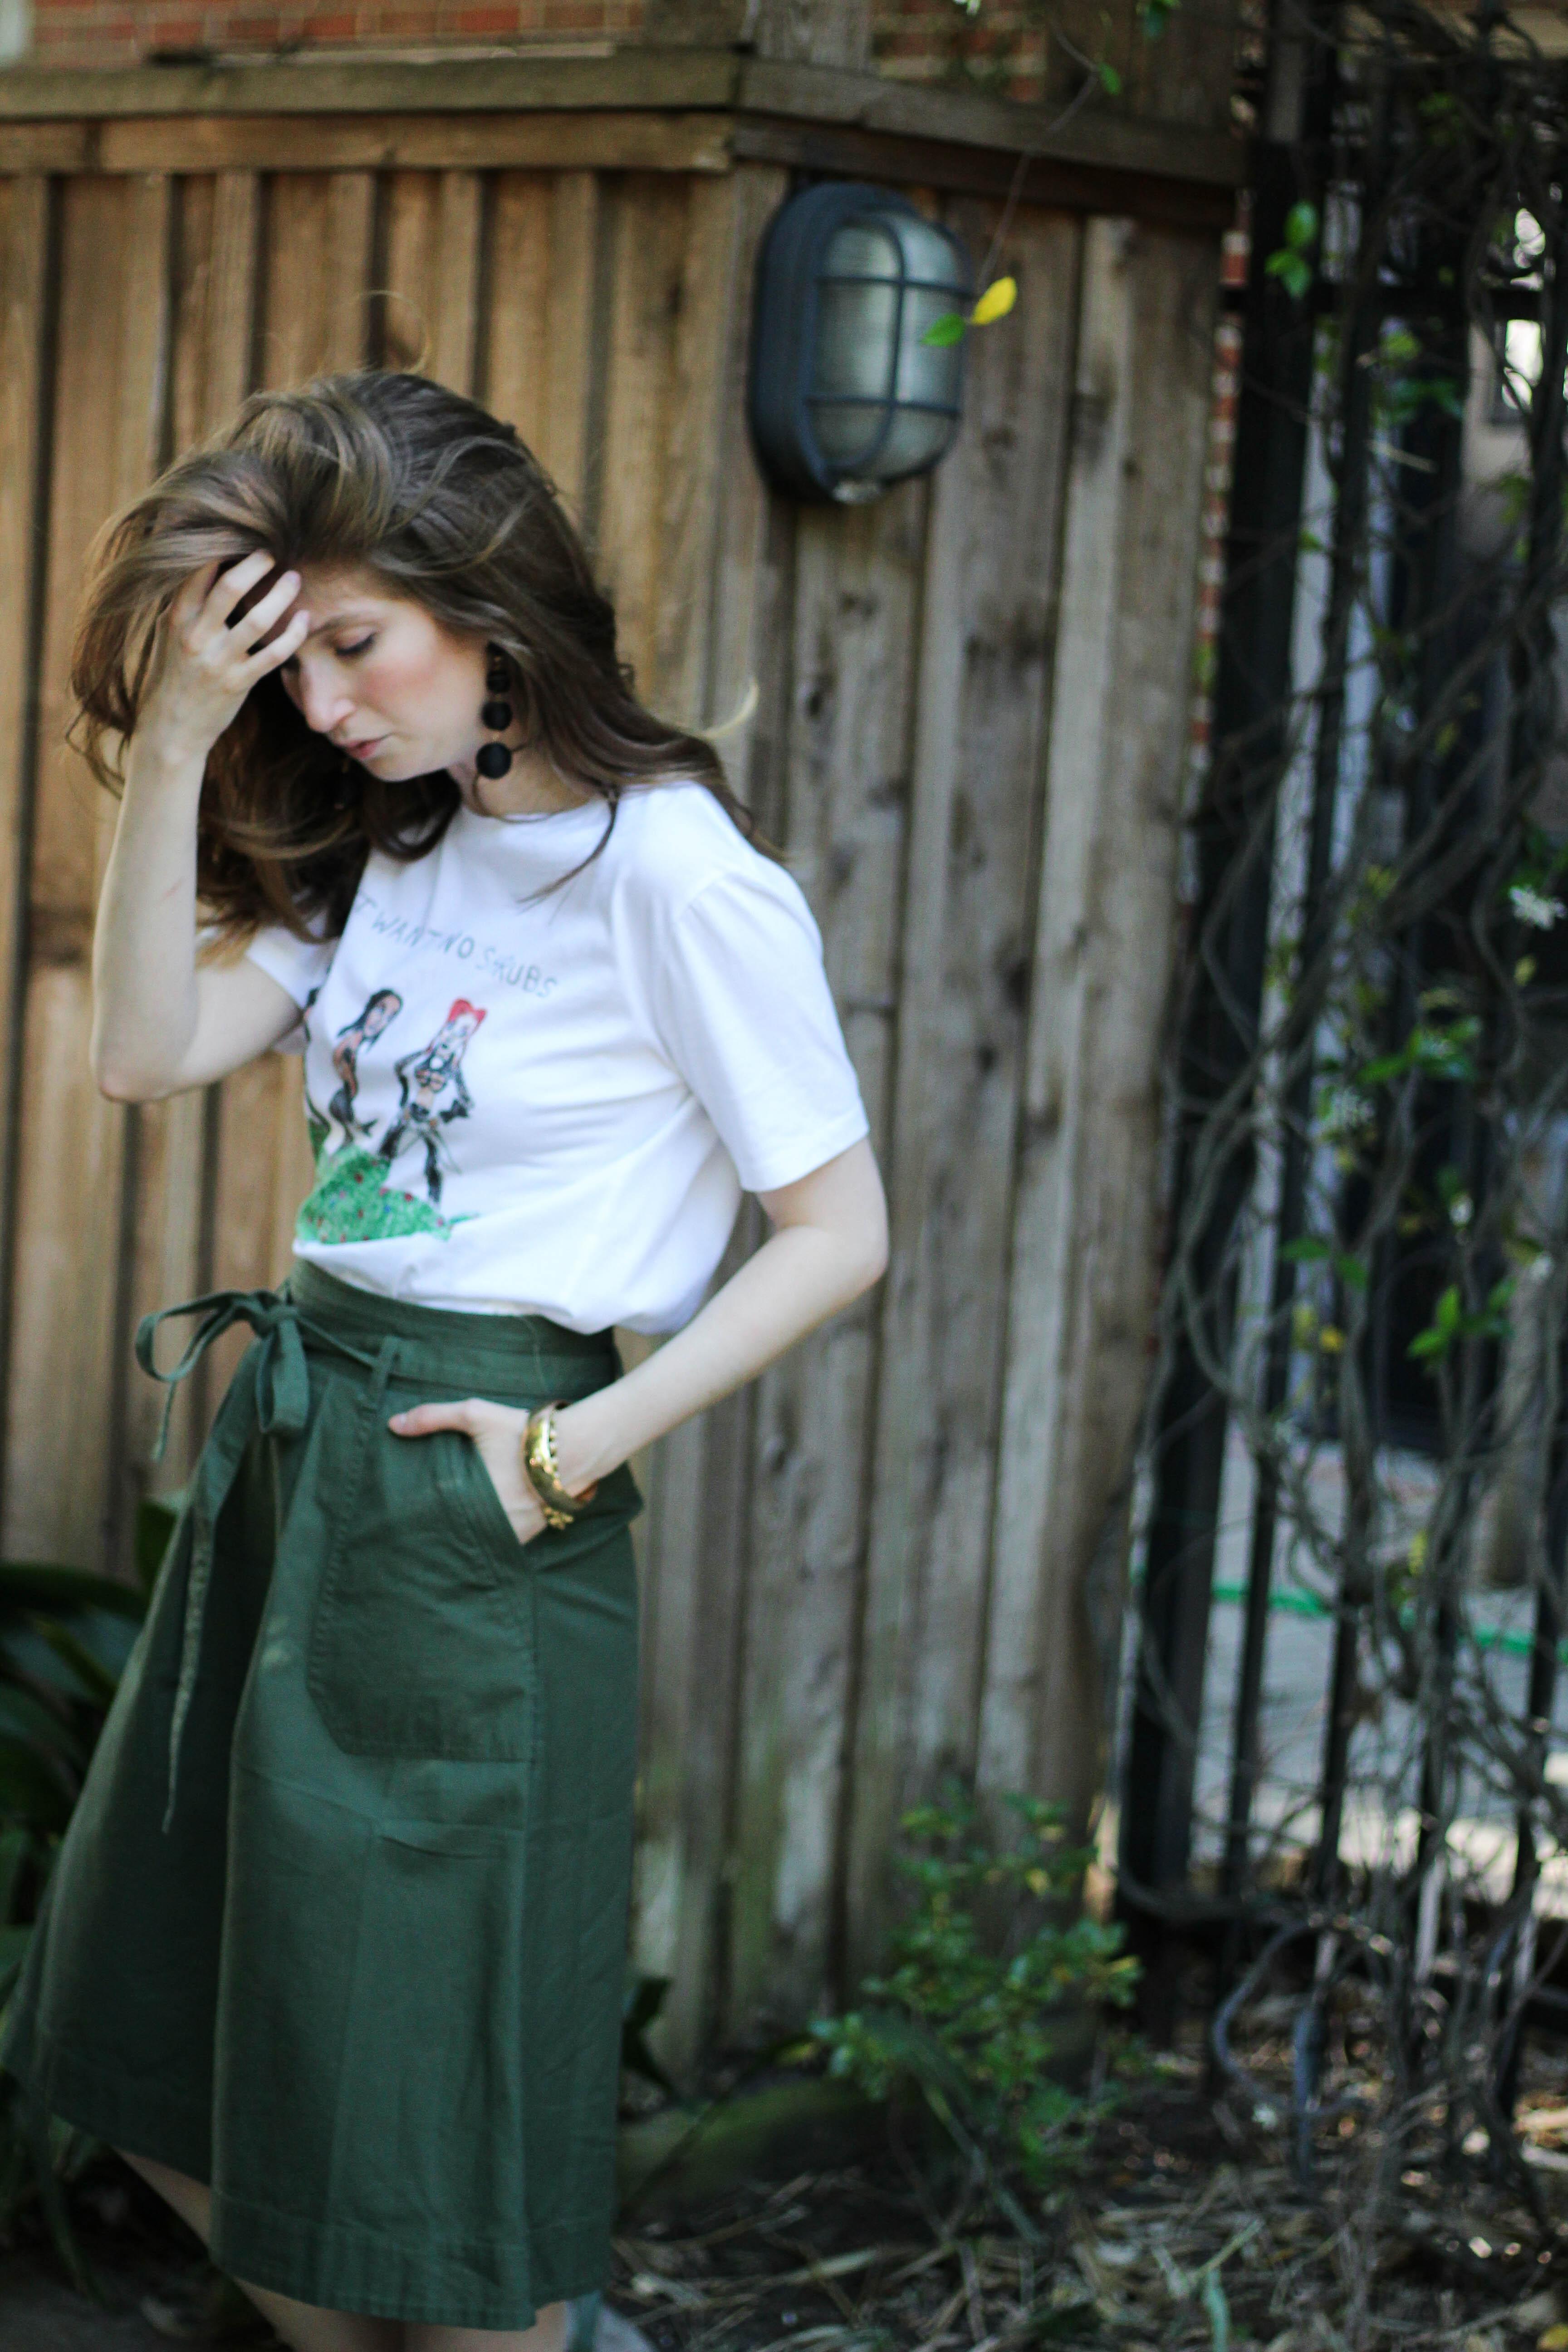 unfortunate portrait - gap skirt